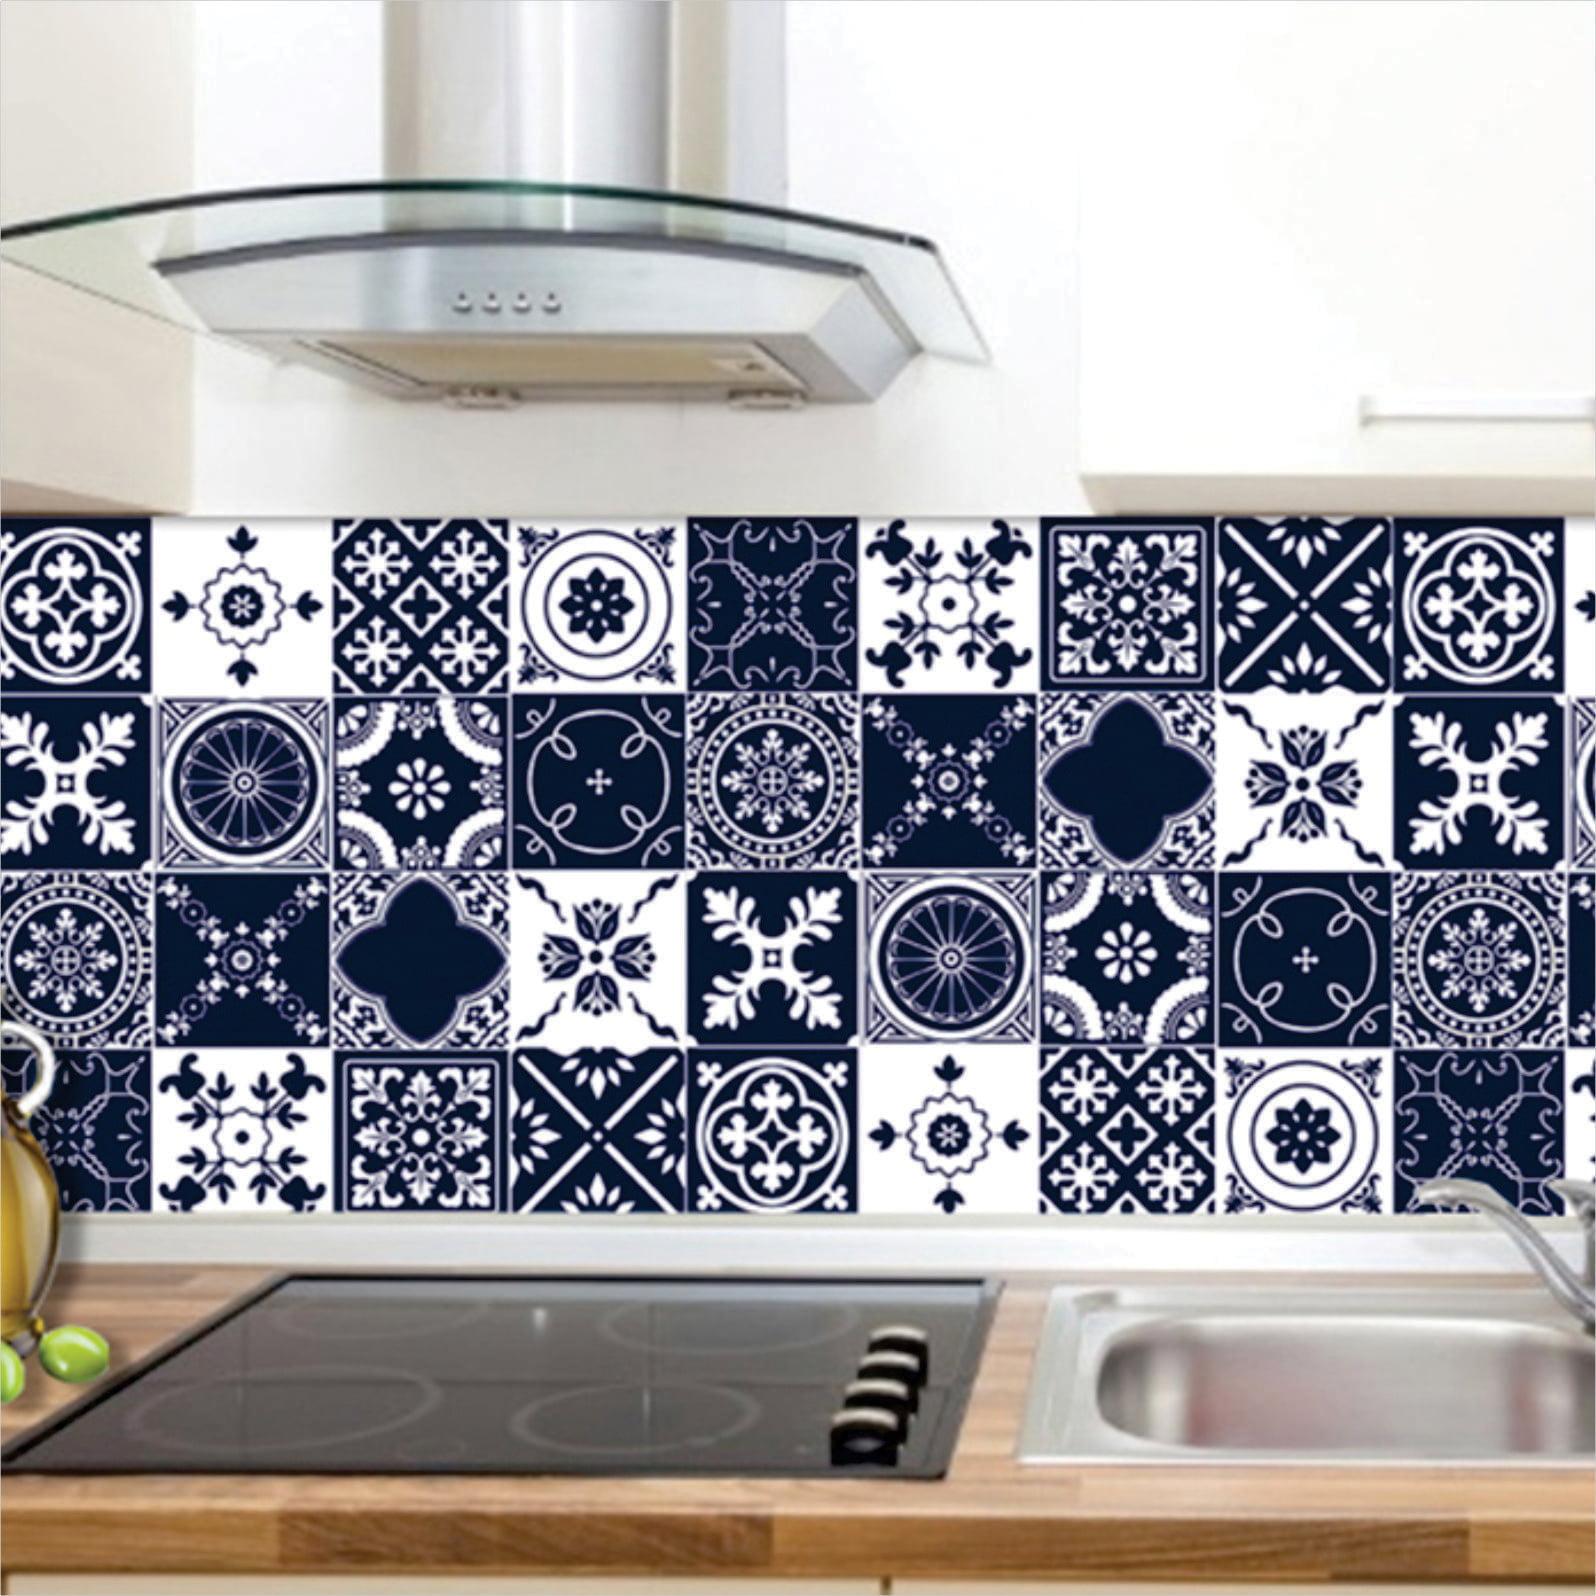 Azul-marinho e branco formam as estampas do adesivo que imita azulejo português.